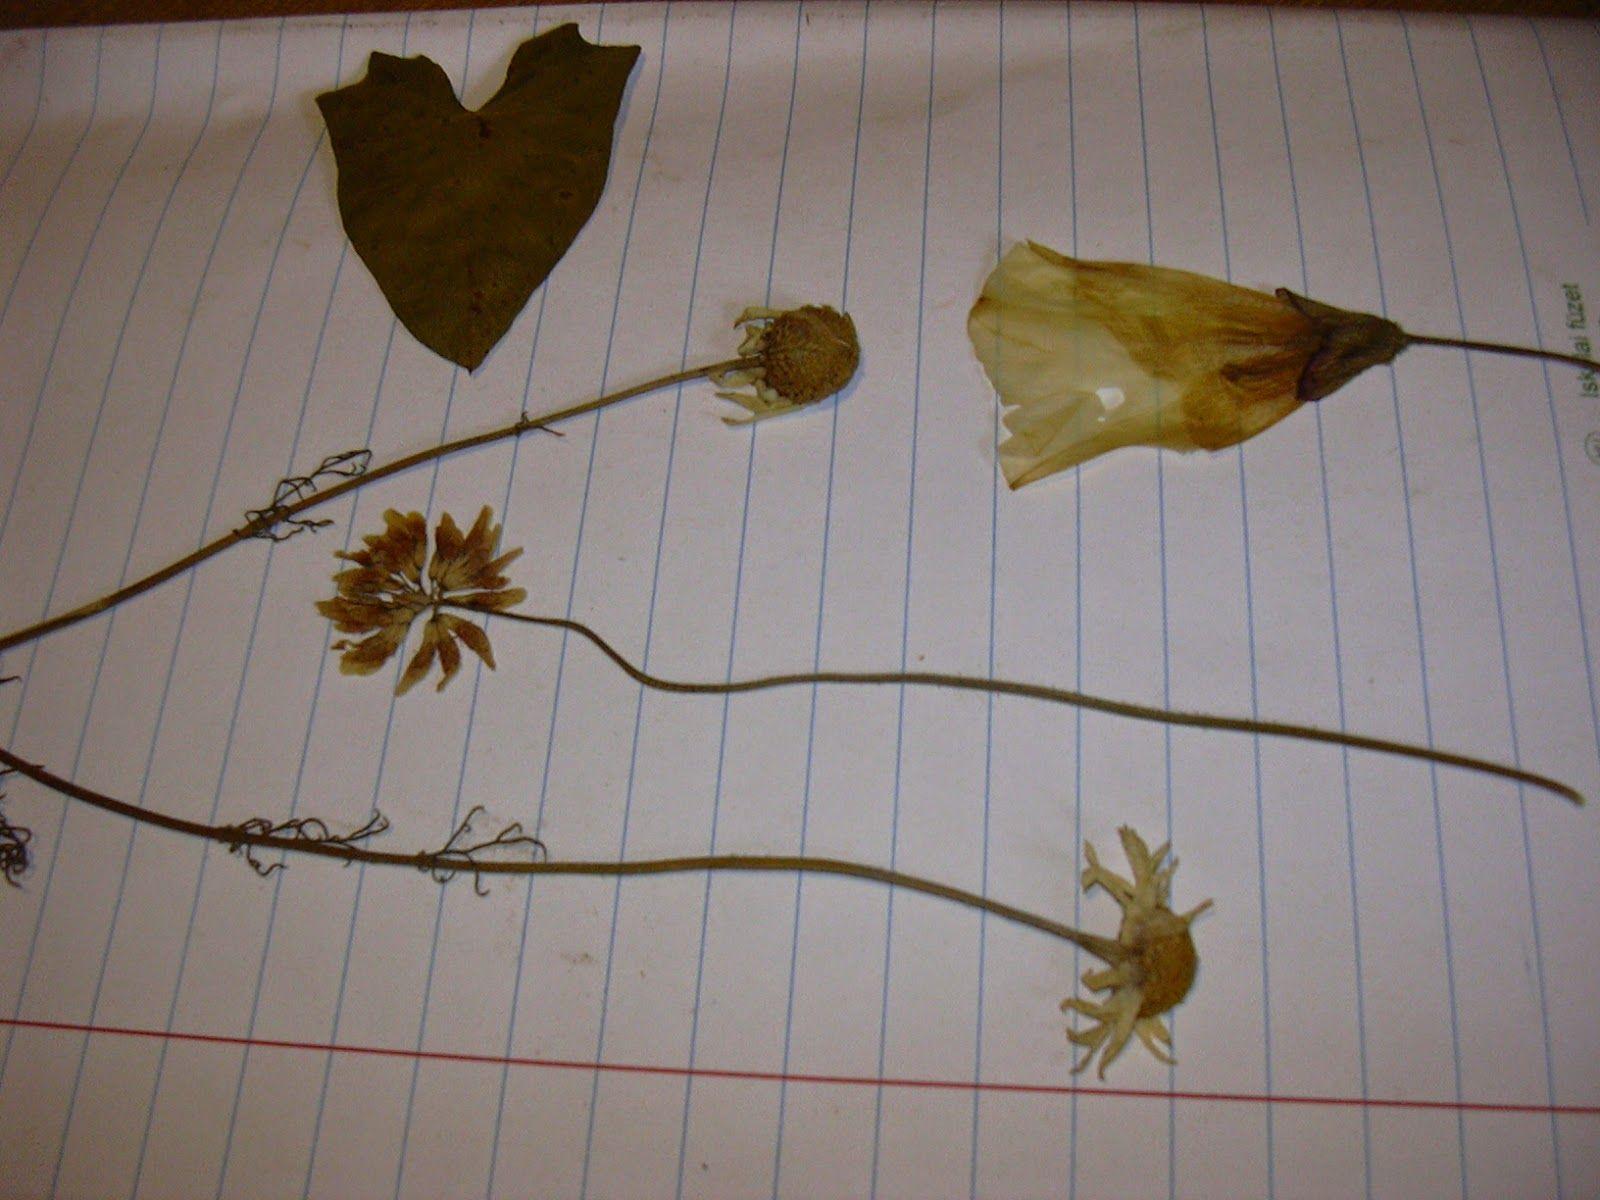 Blätter Pressen die fantastischen 5 blumen und blätter pressen kränze gestecke